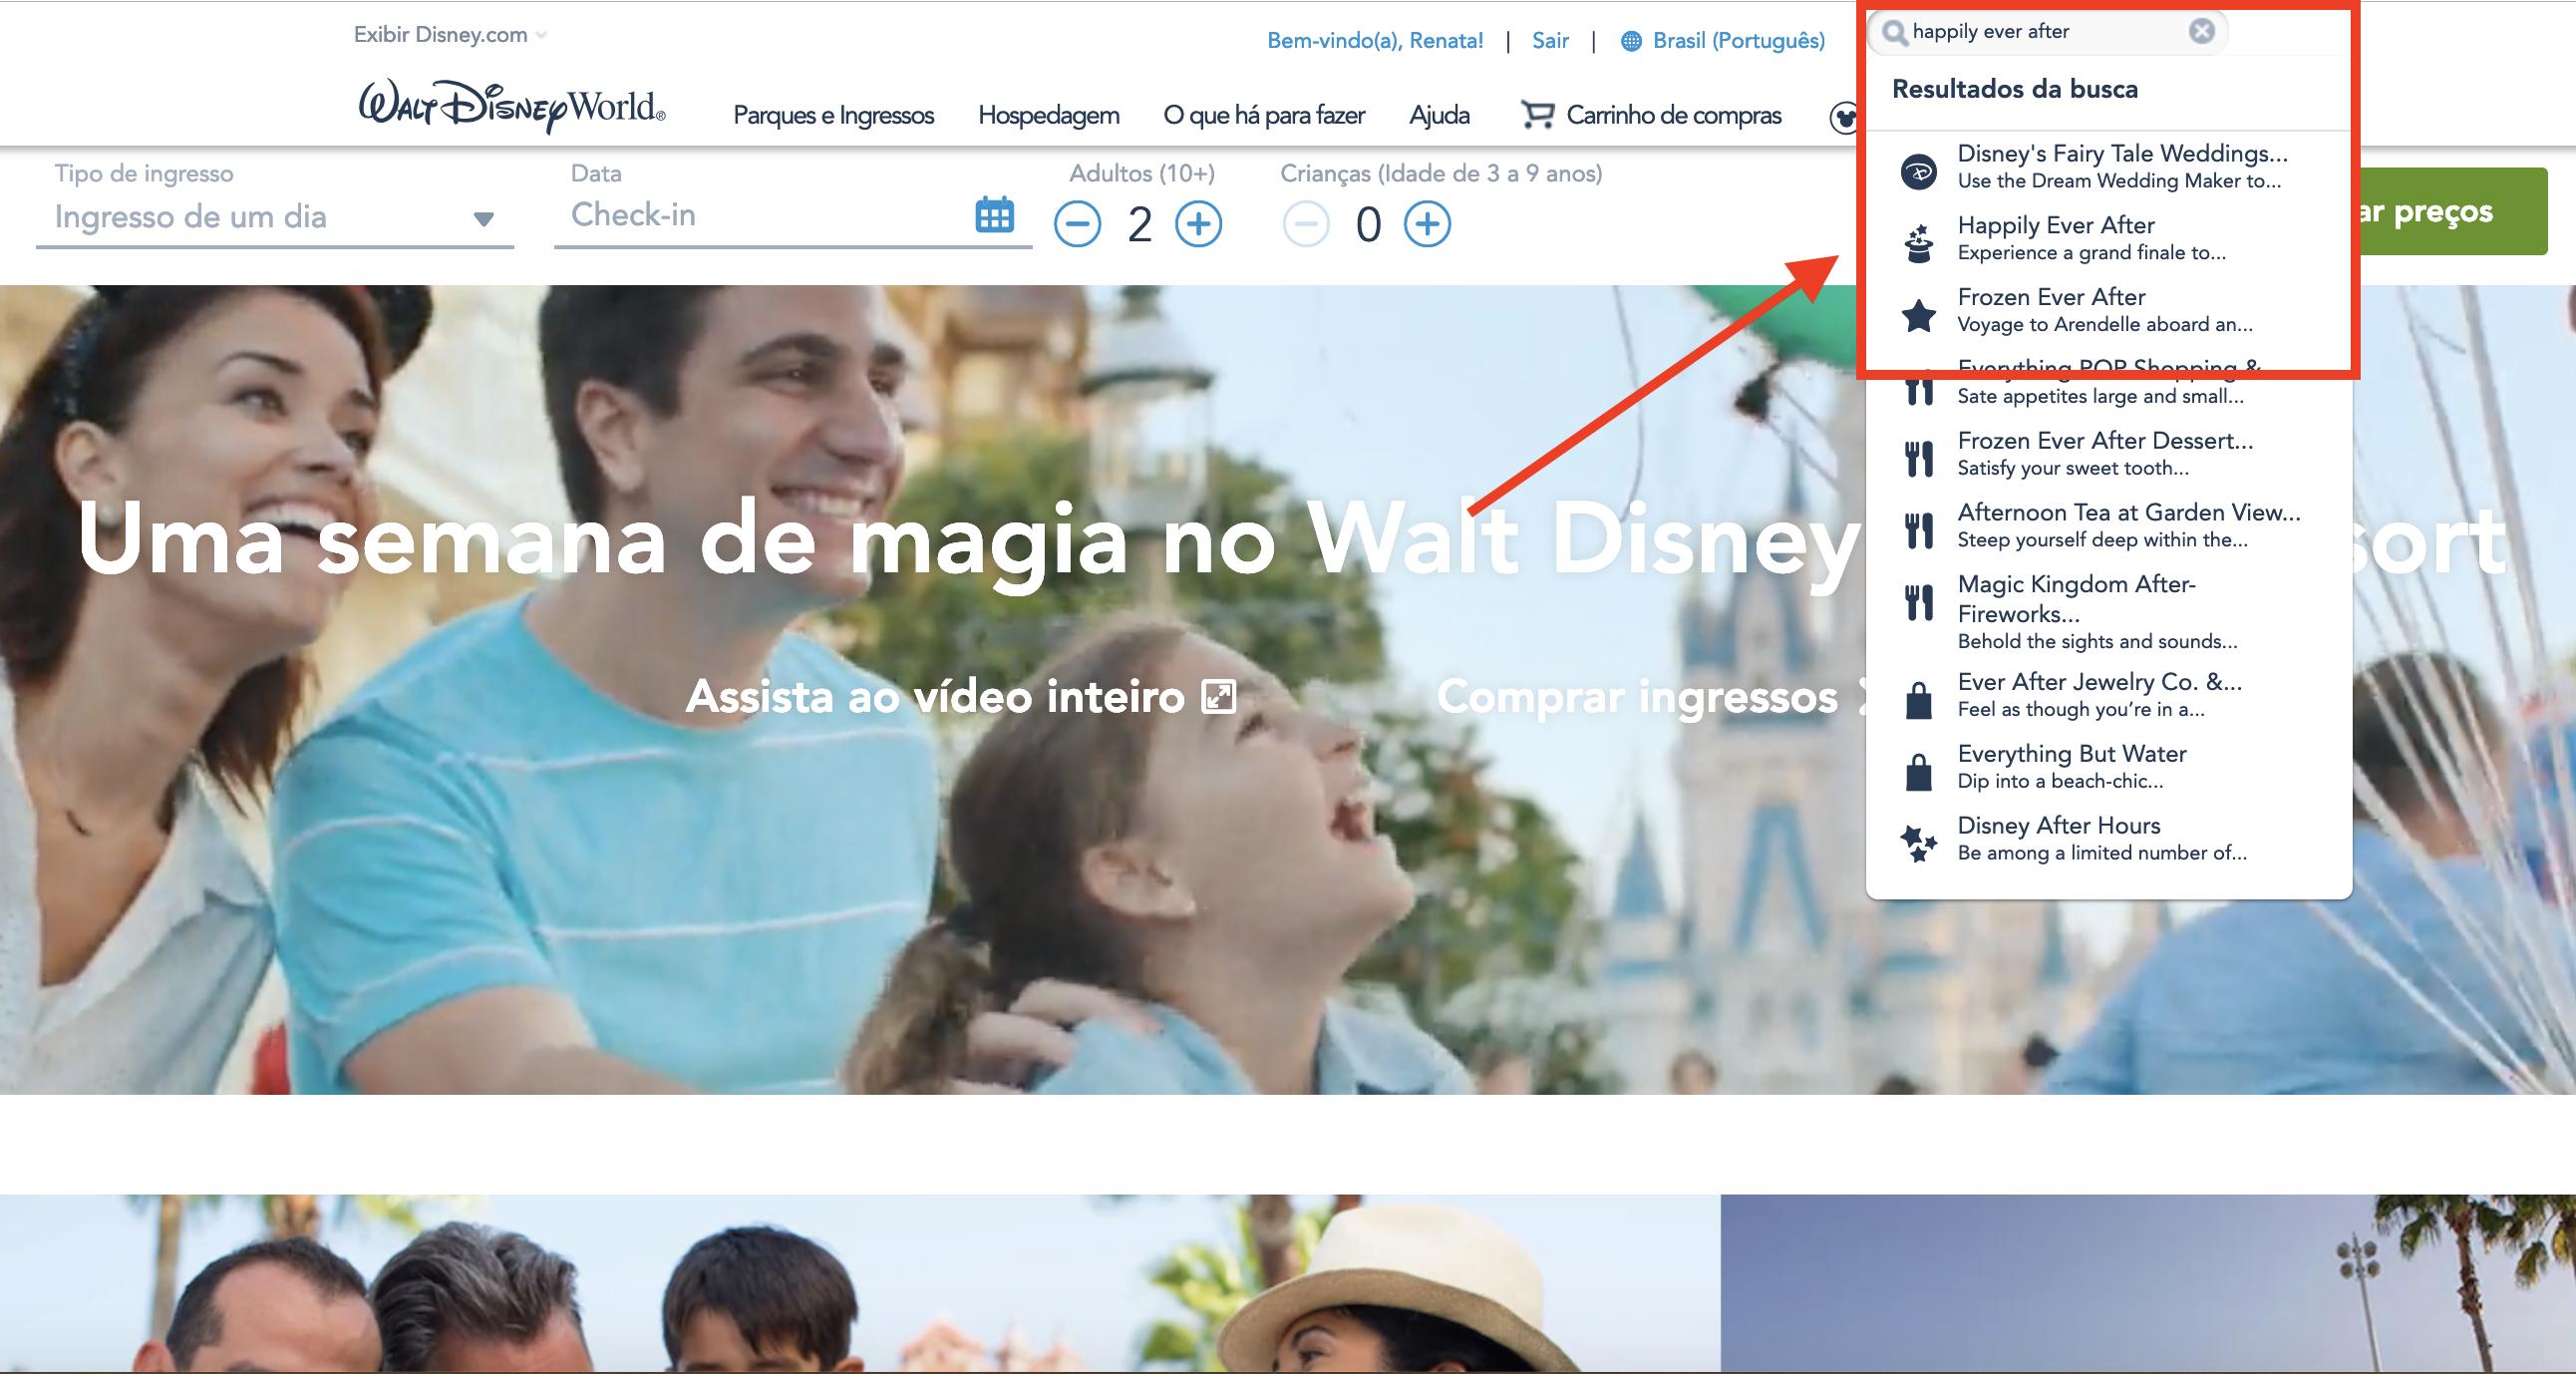 Como verificar horários de atrações dos parques no site da Disney